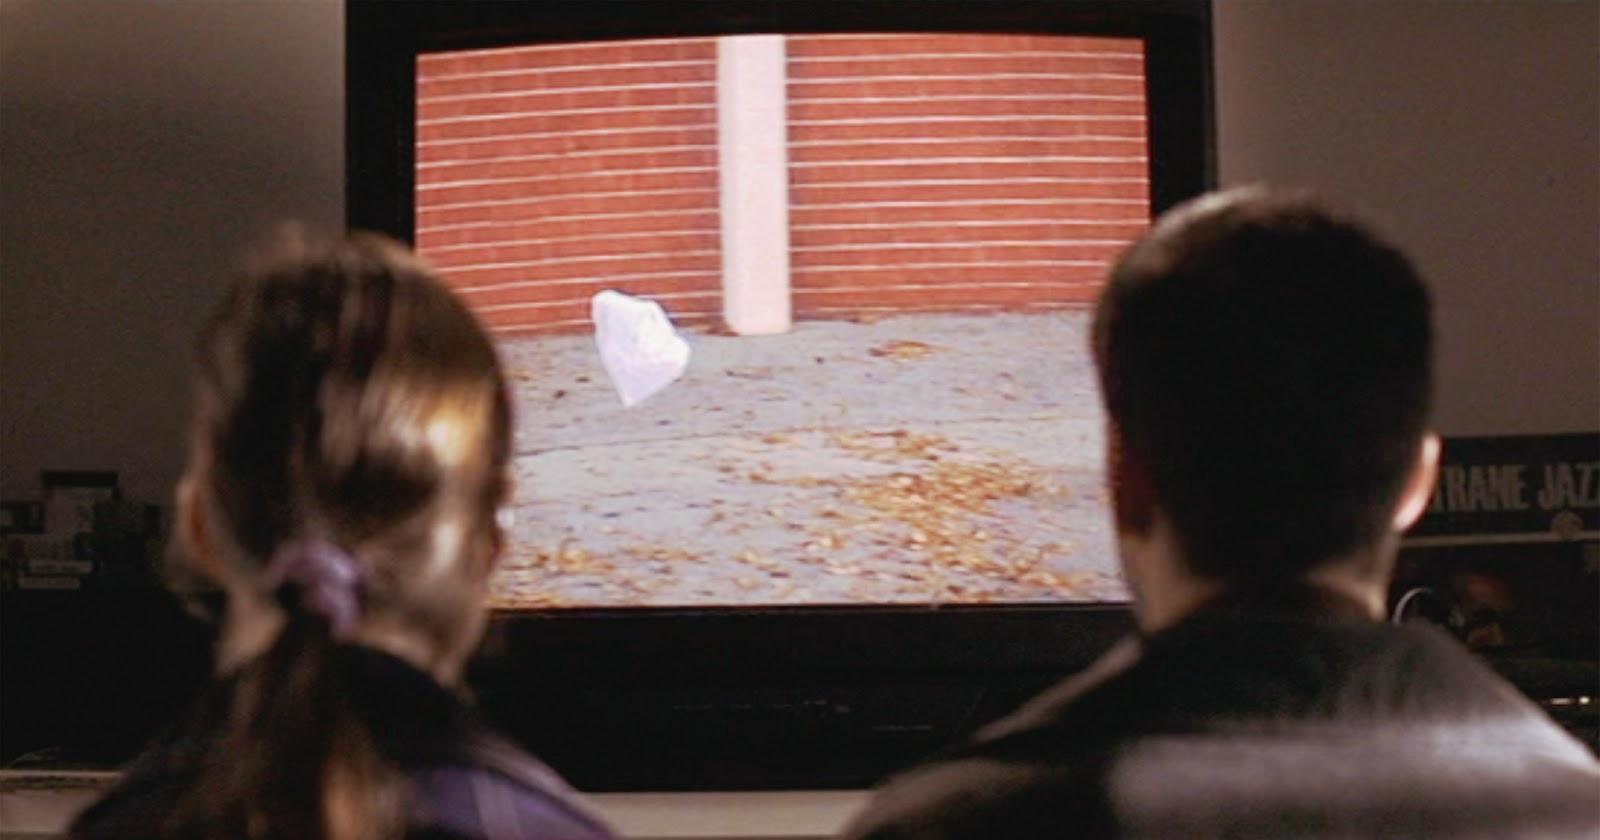 Jane (Thora Birch) y Ricky (Wes Bentley) de espaldas frente a un televisor, contemplando la famosa escena de la bolsa plástica bailando al viento.